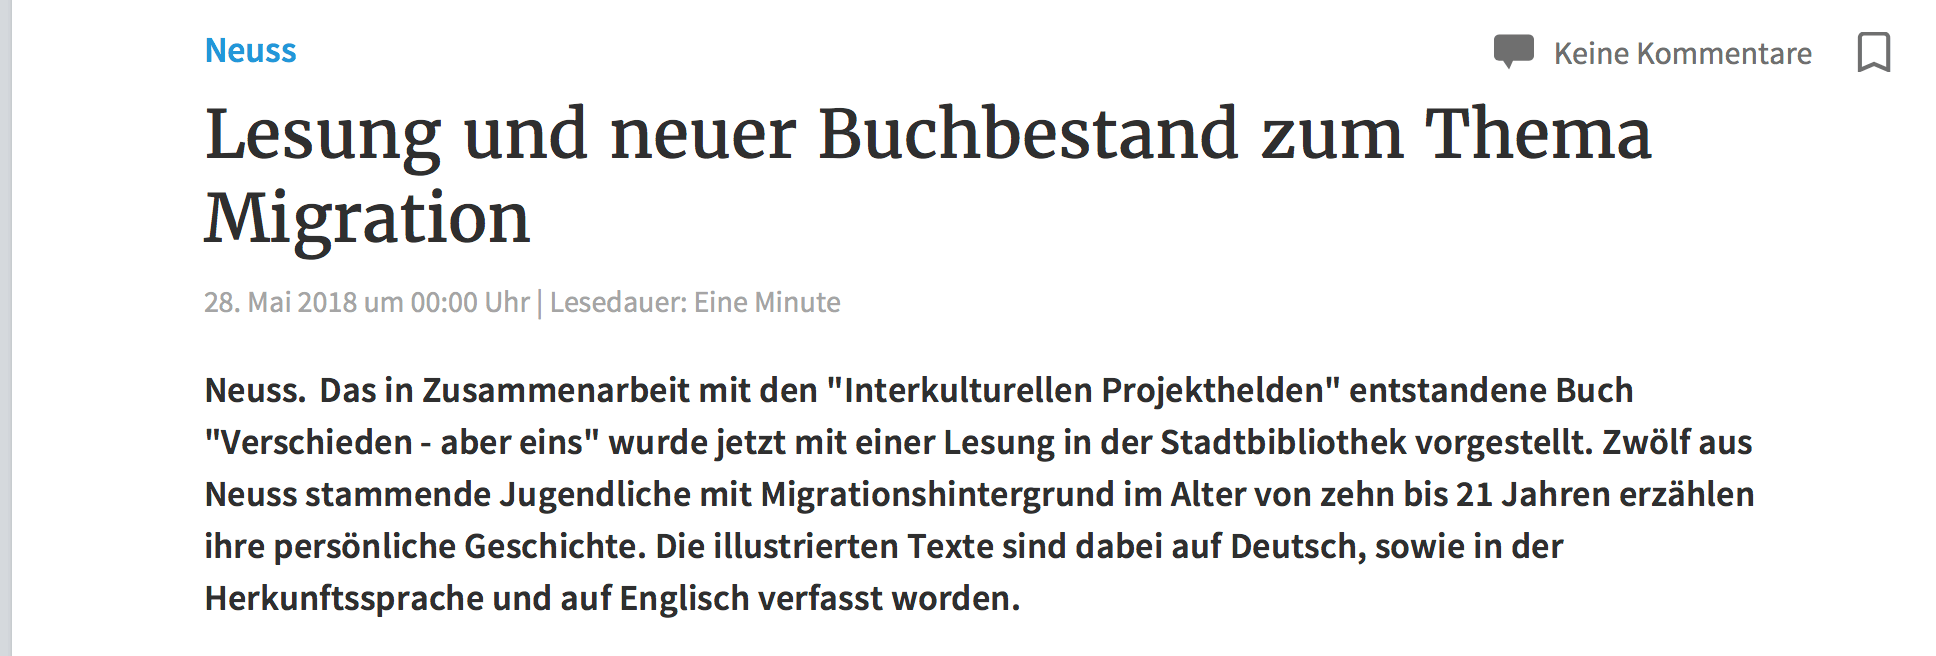 Lesung und neuer Buchbestand zum Thema Migration